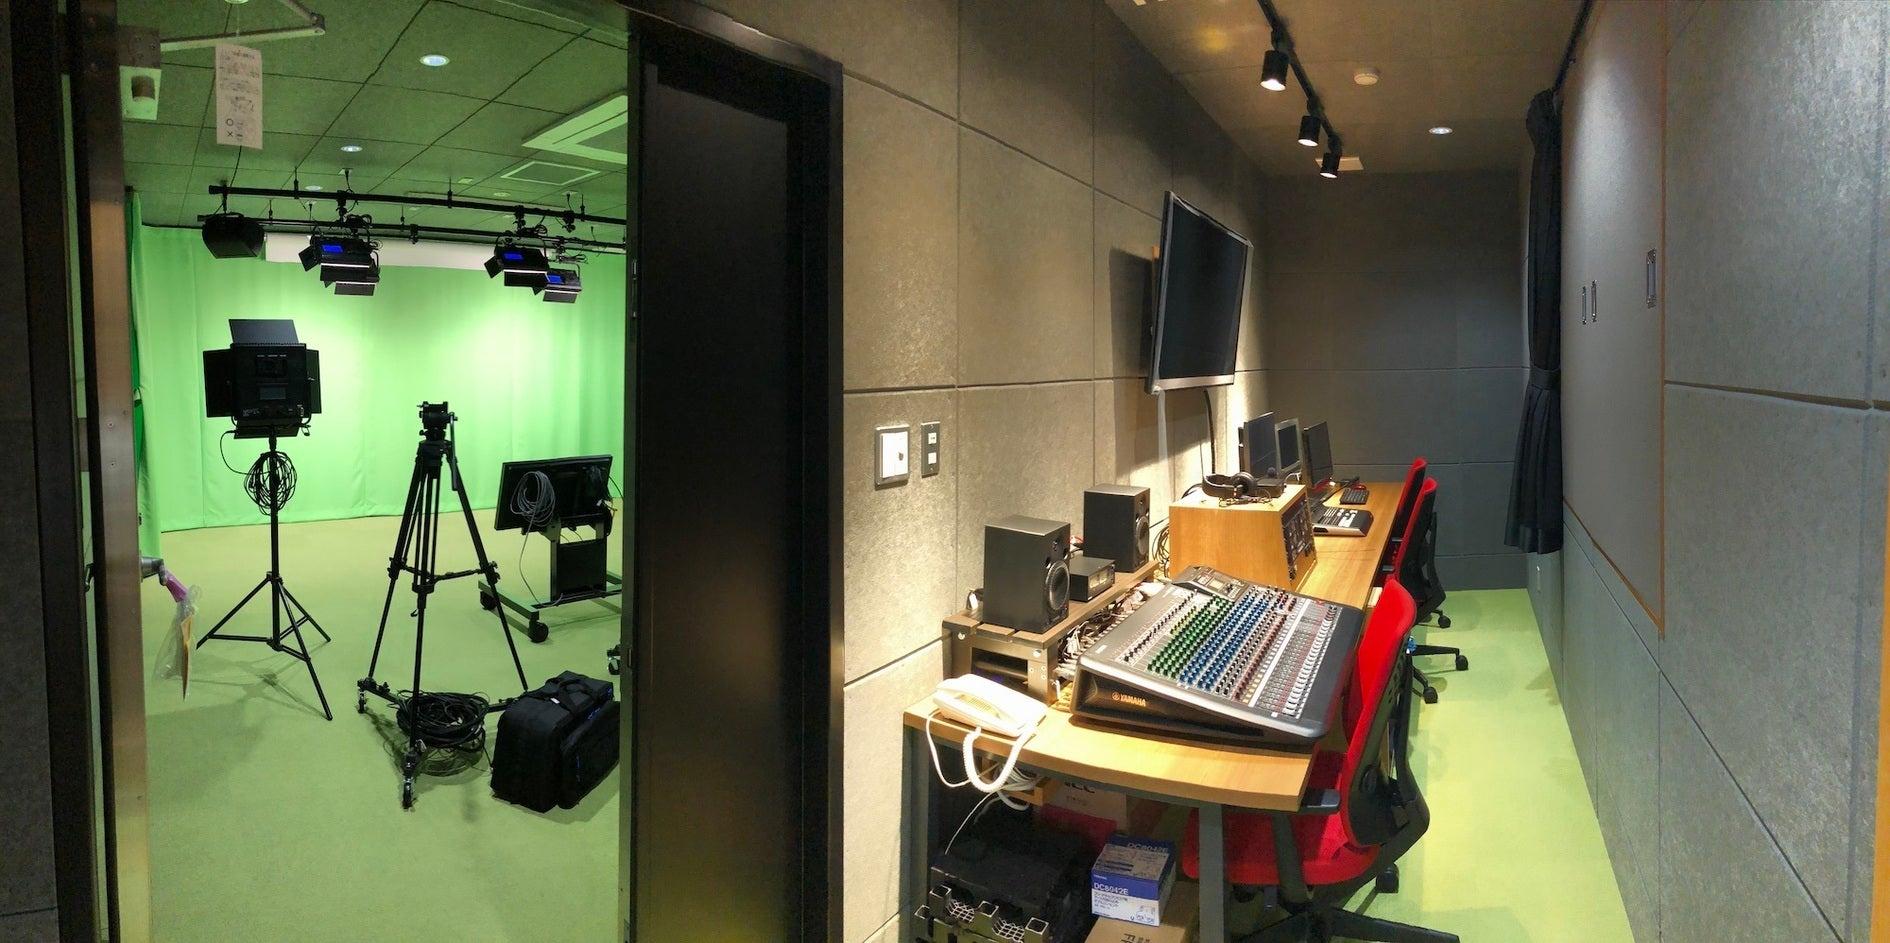 クロマキーもある写真撮影・動画撮影のライブ配信も可能なレンタルスタジオ(クロマキーもある写真撮影・動画撮影のライブ配信も可能なレンタルスタジオ) の写真0